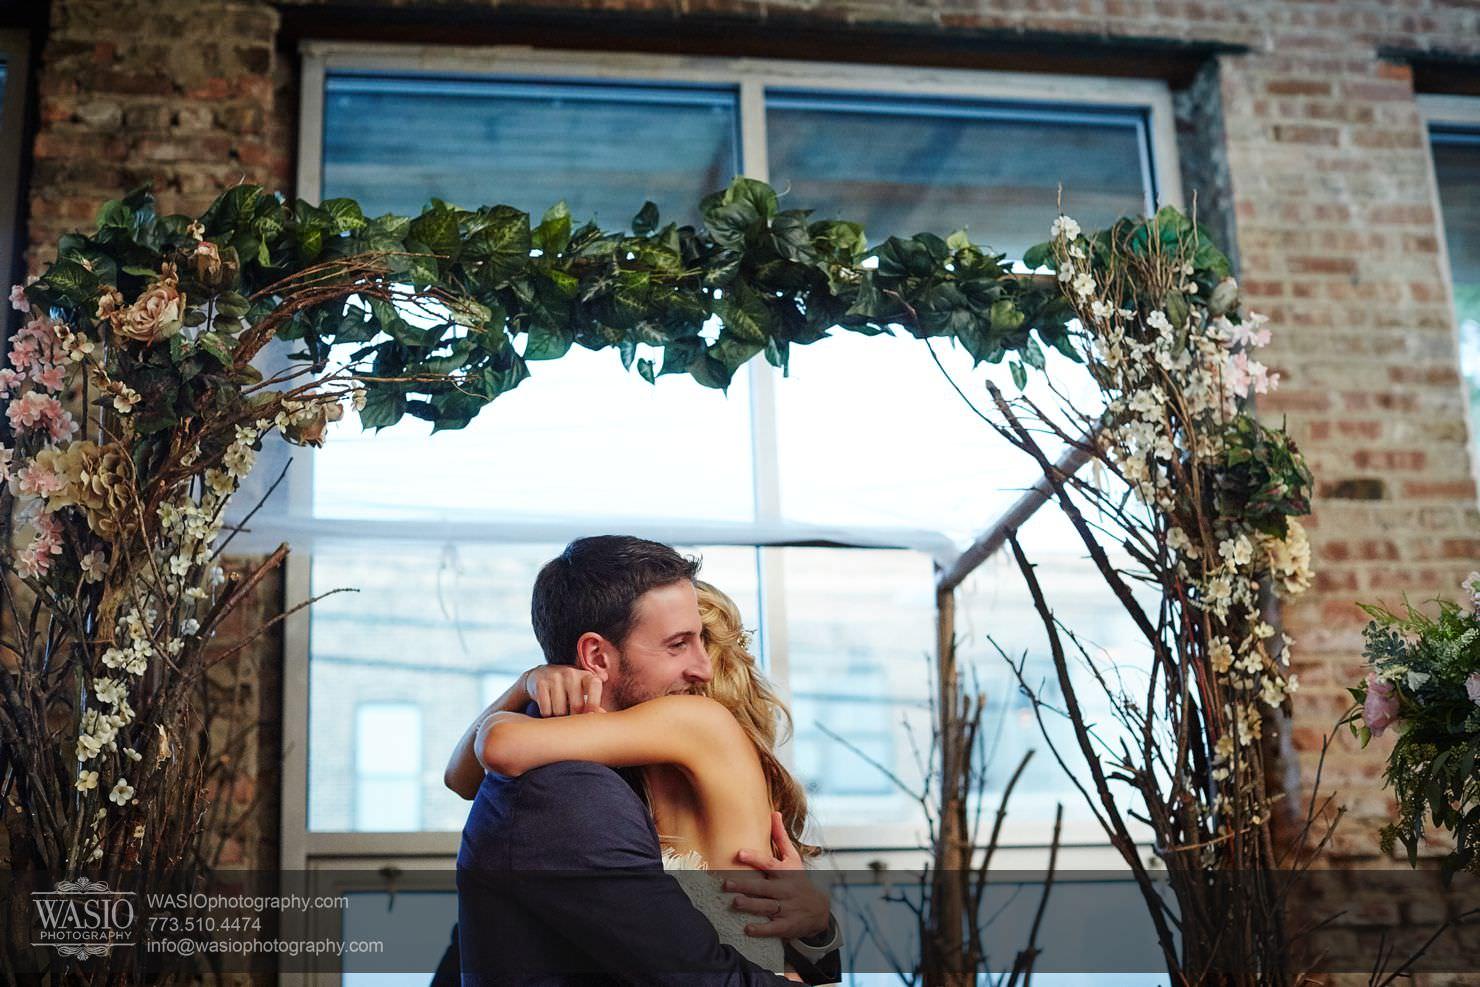 33_Chicago-Gallery-Wedding_0O3A8897 Chicago Gallery Wedding - Courtney + Danny